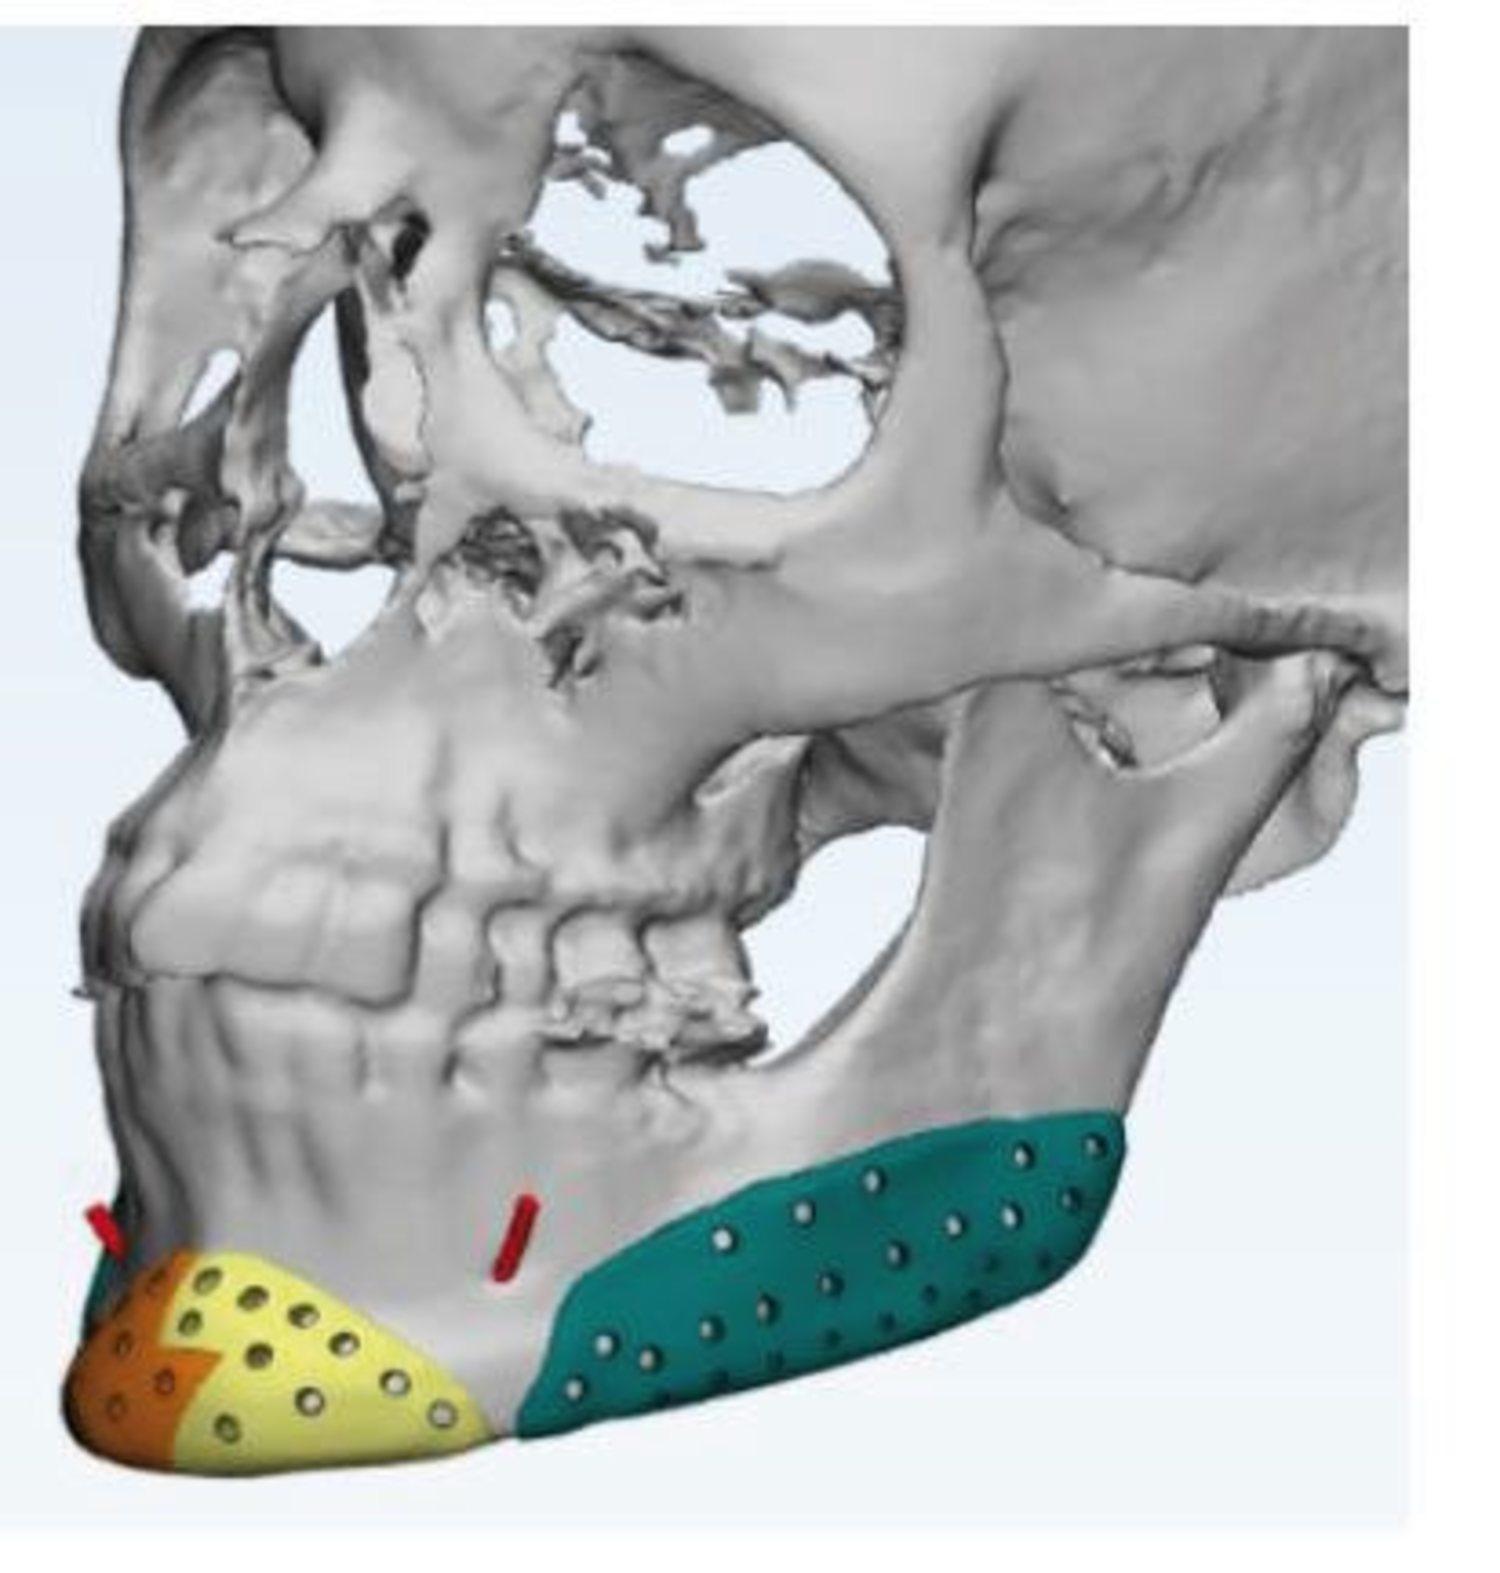 Se usan unas prótesis de titanio para que no causen ninguna reacción en el paciente.